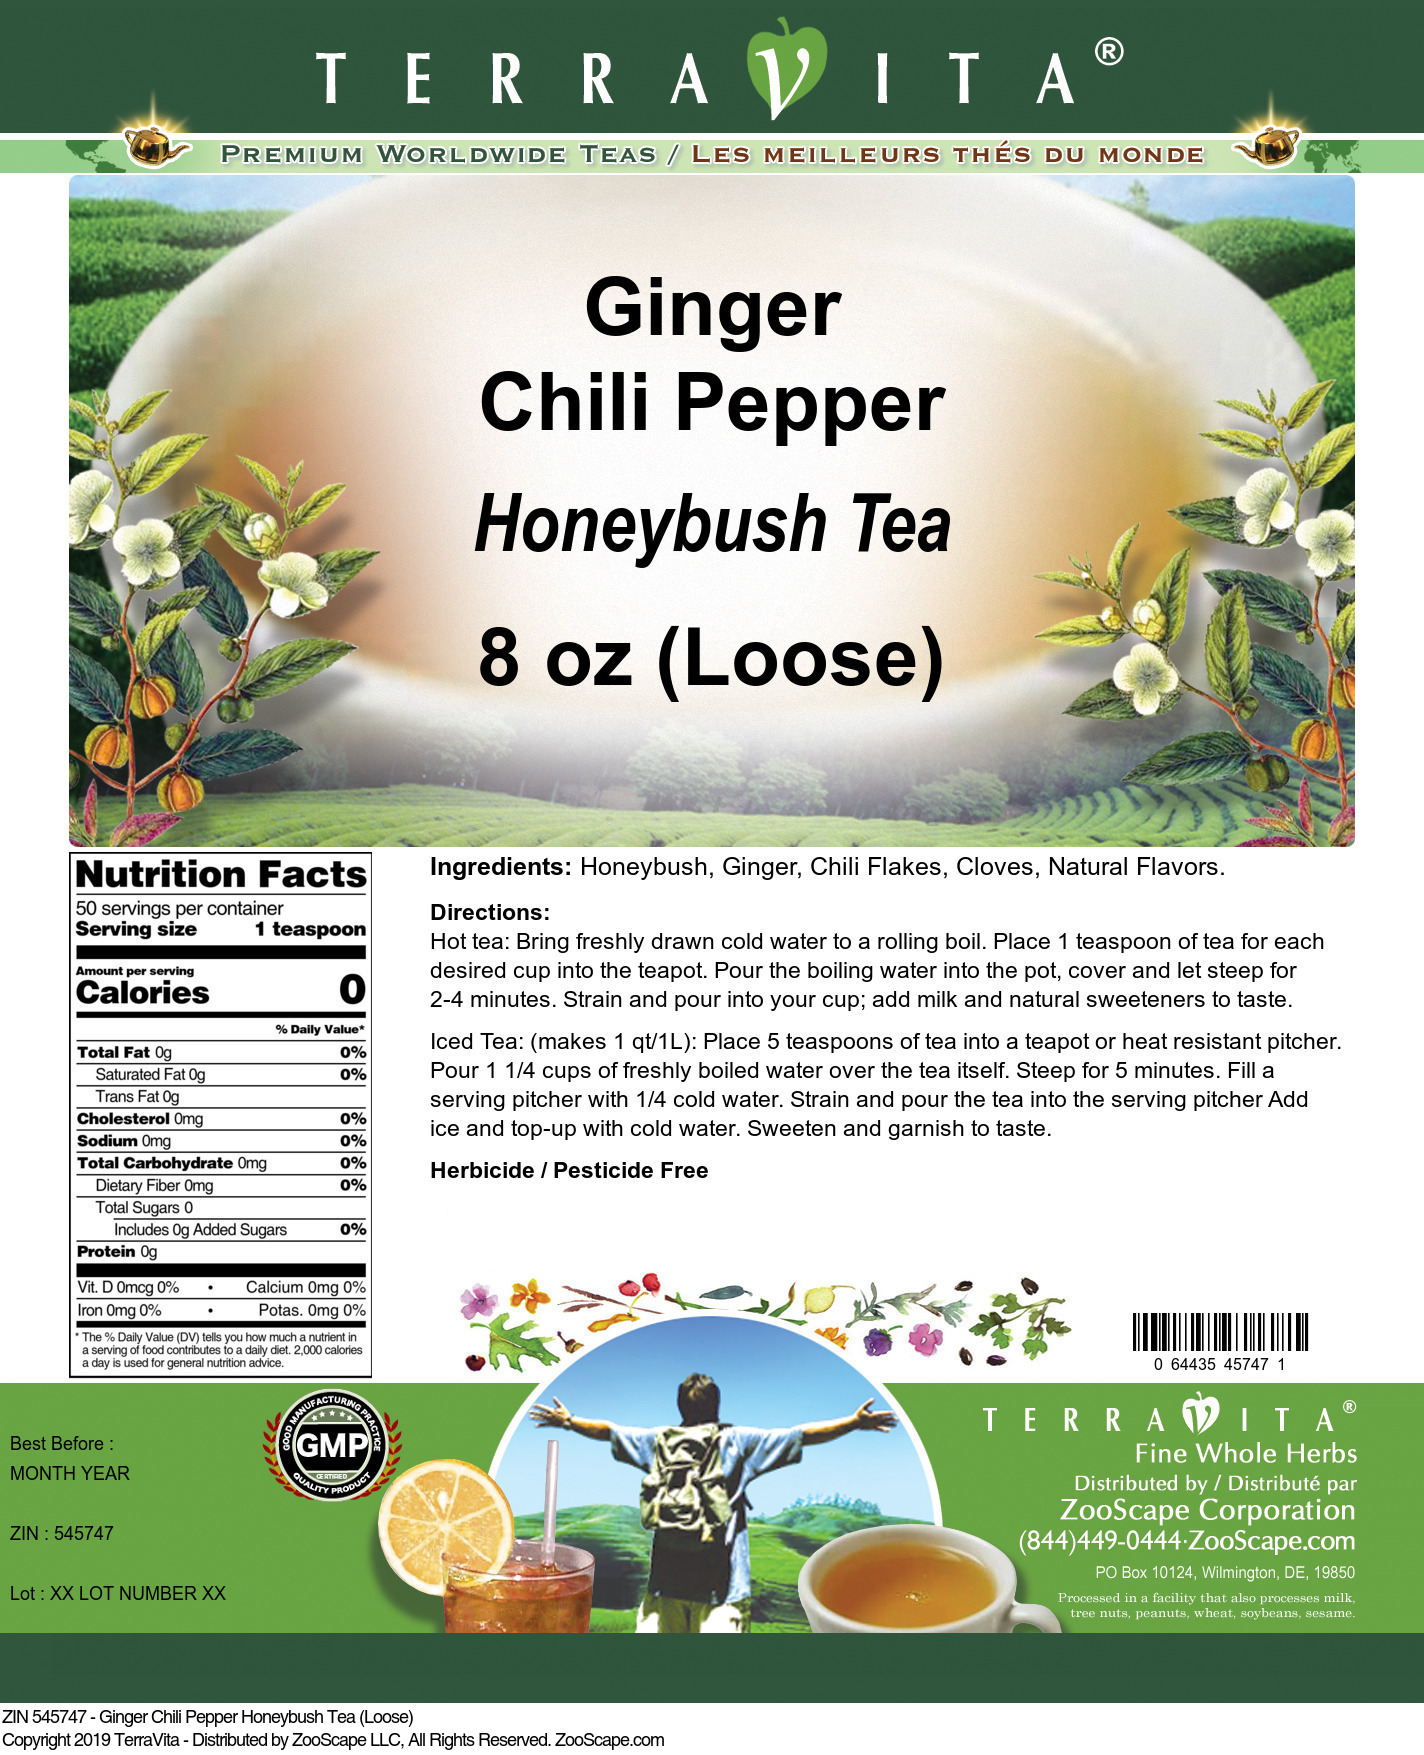 Ginger Chili Pepper Honeybush Tea (Loose)